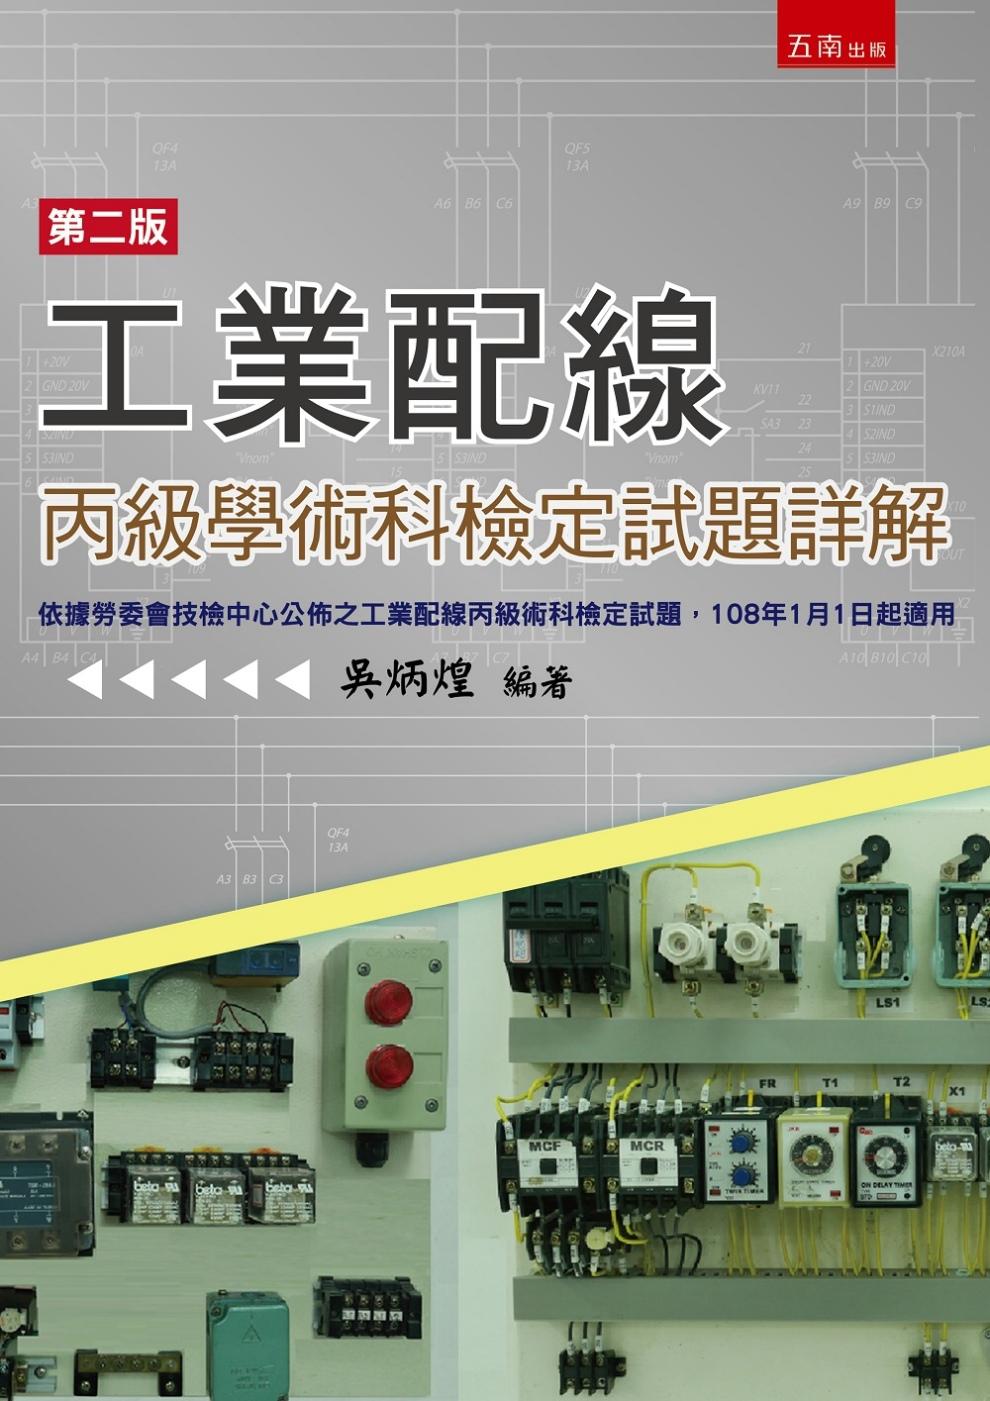 工業配線丙級技能檢定術科試題詳解(2版)